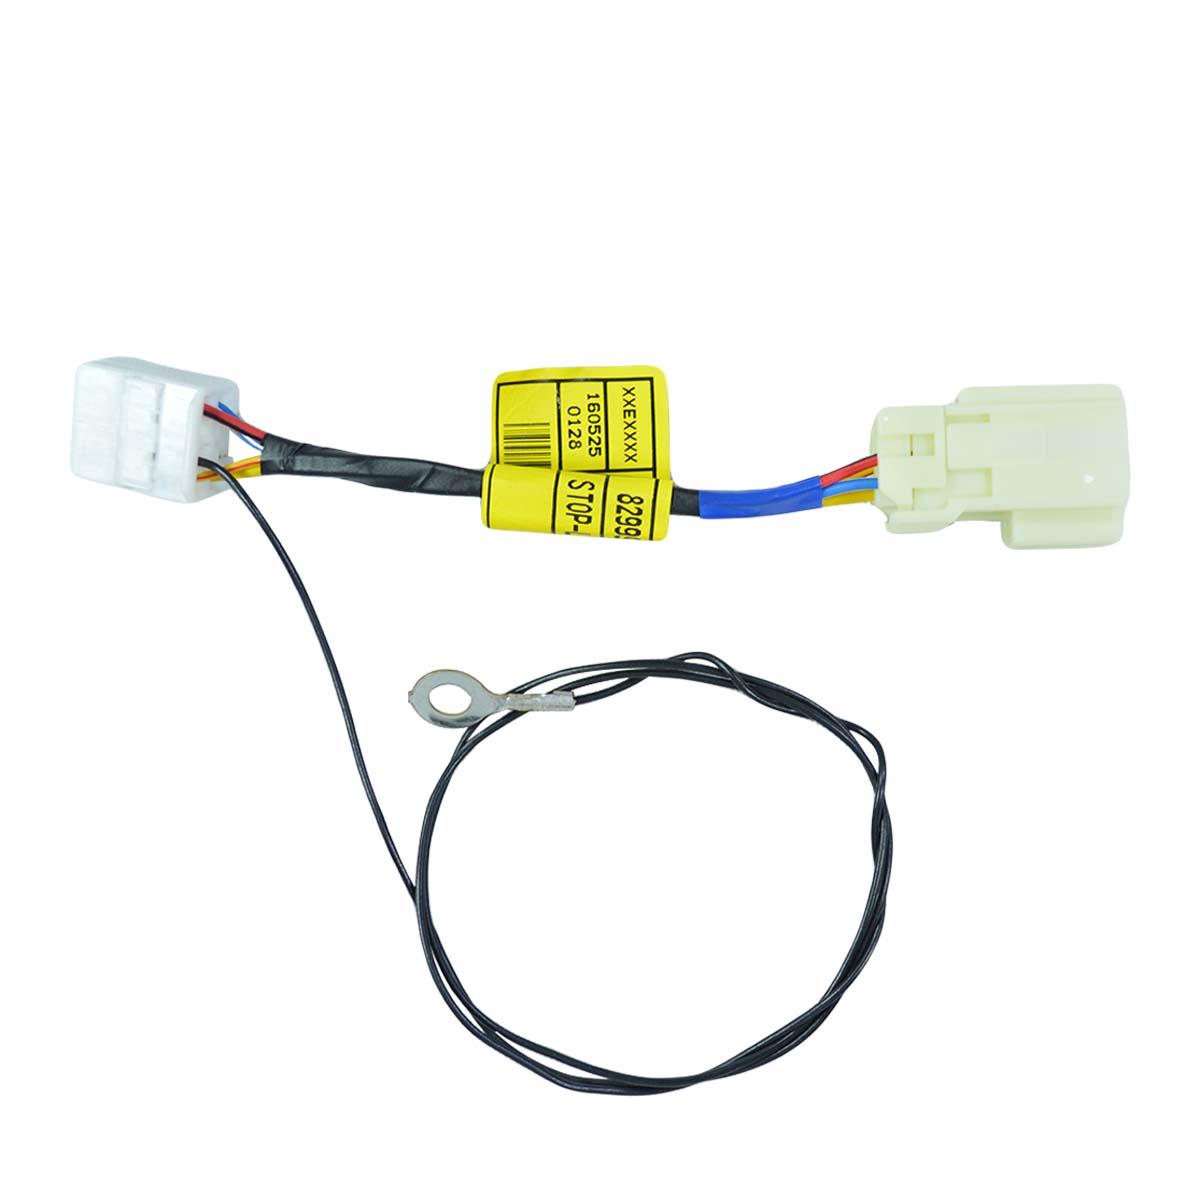 Cabo Adaptador Sensor Pedal Freio Ssangyong New Actyon 2.0 após 2012 Original